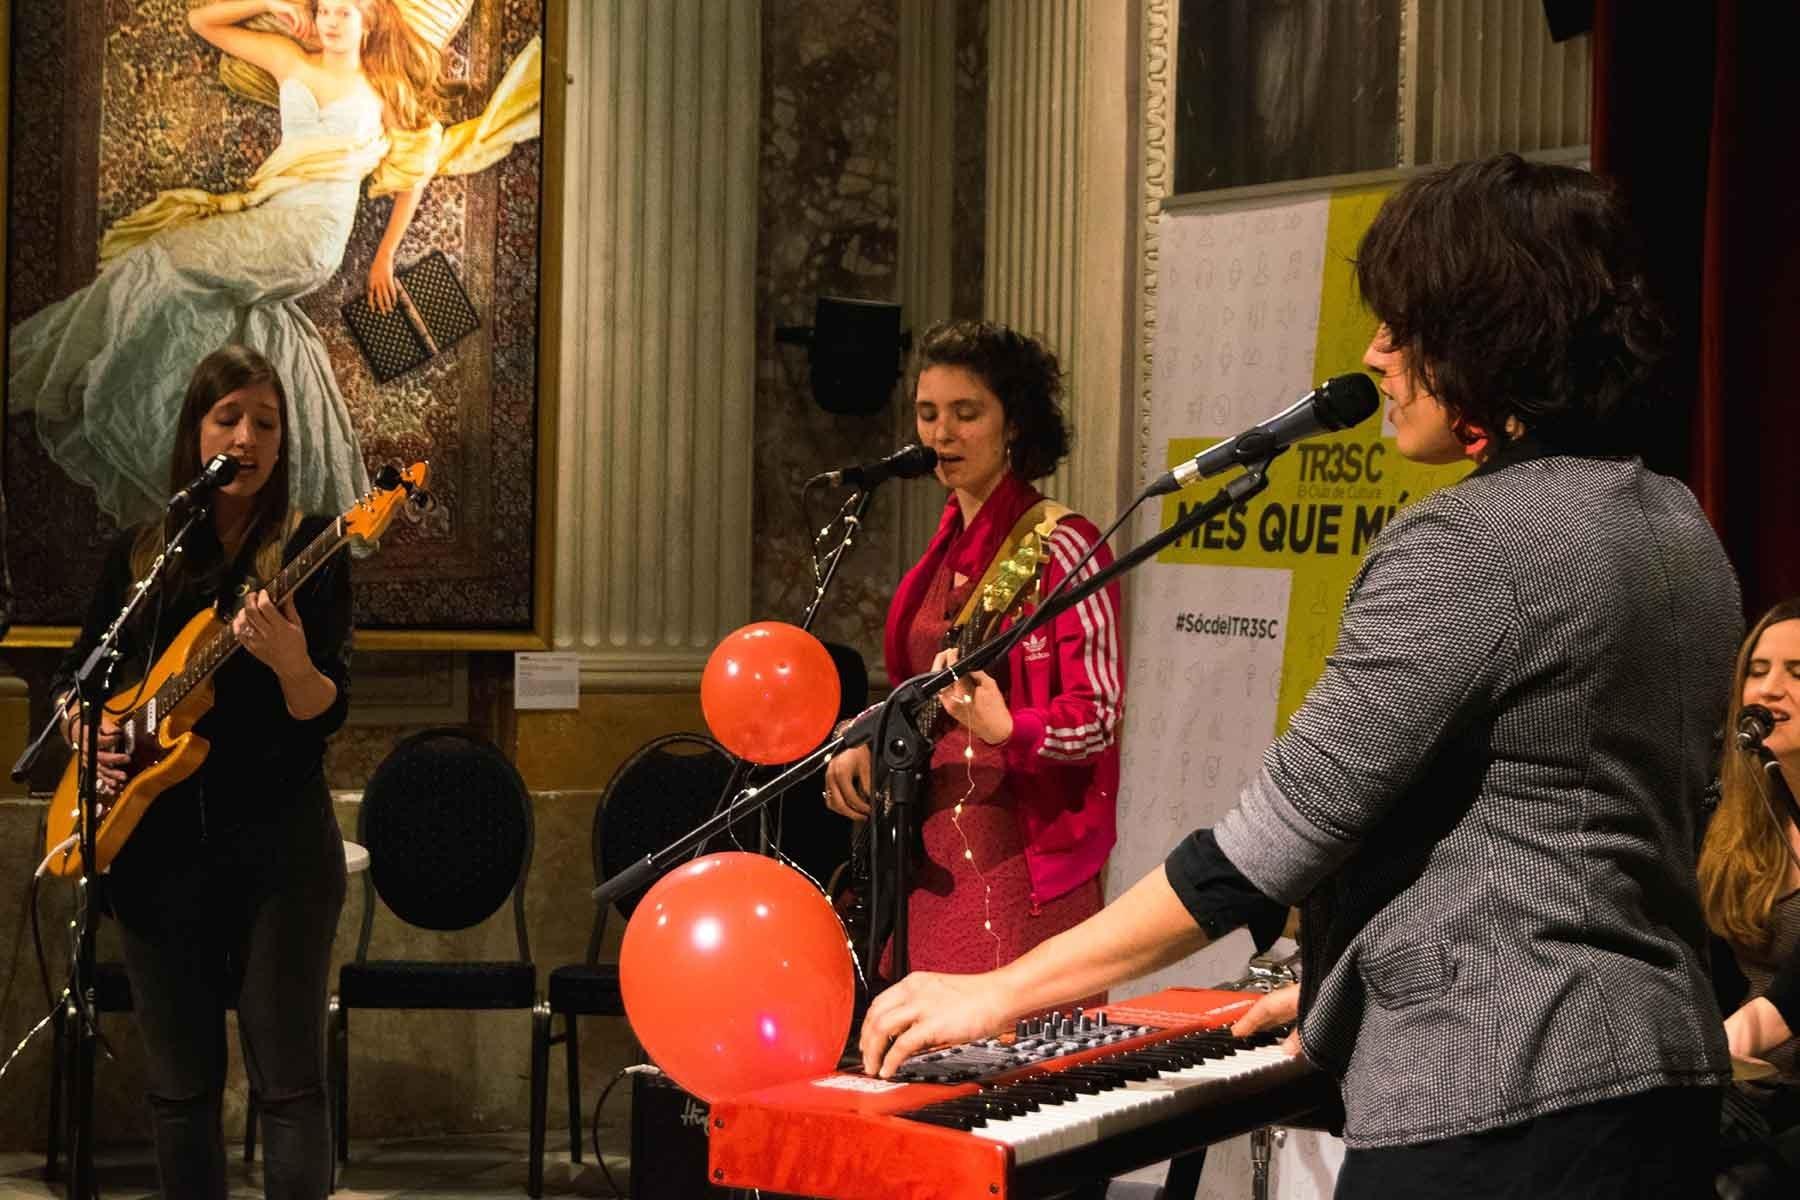 #MésQueMúsica amb WOM's Collective